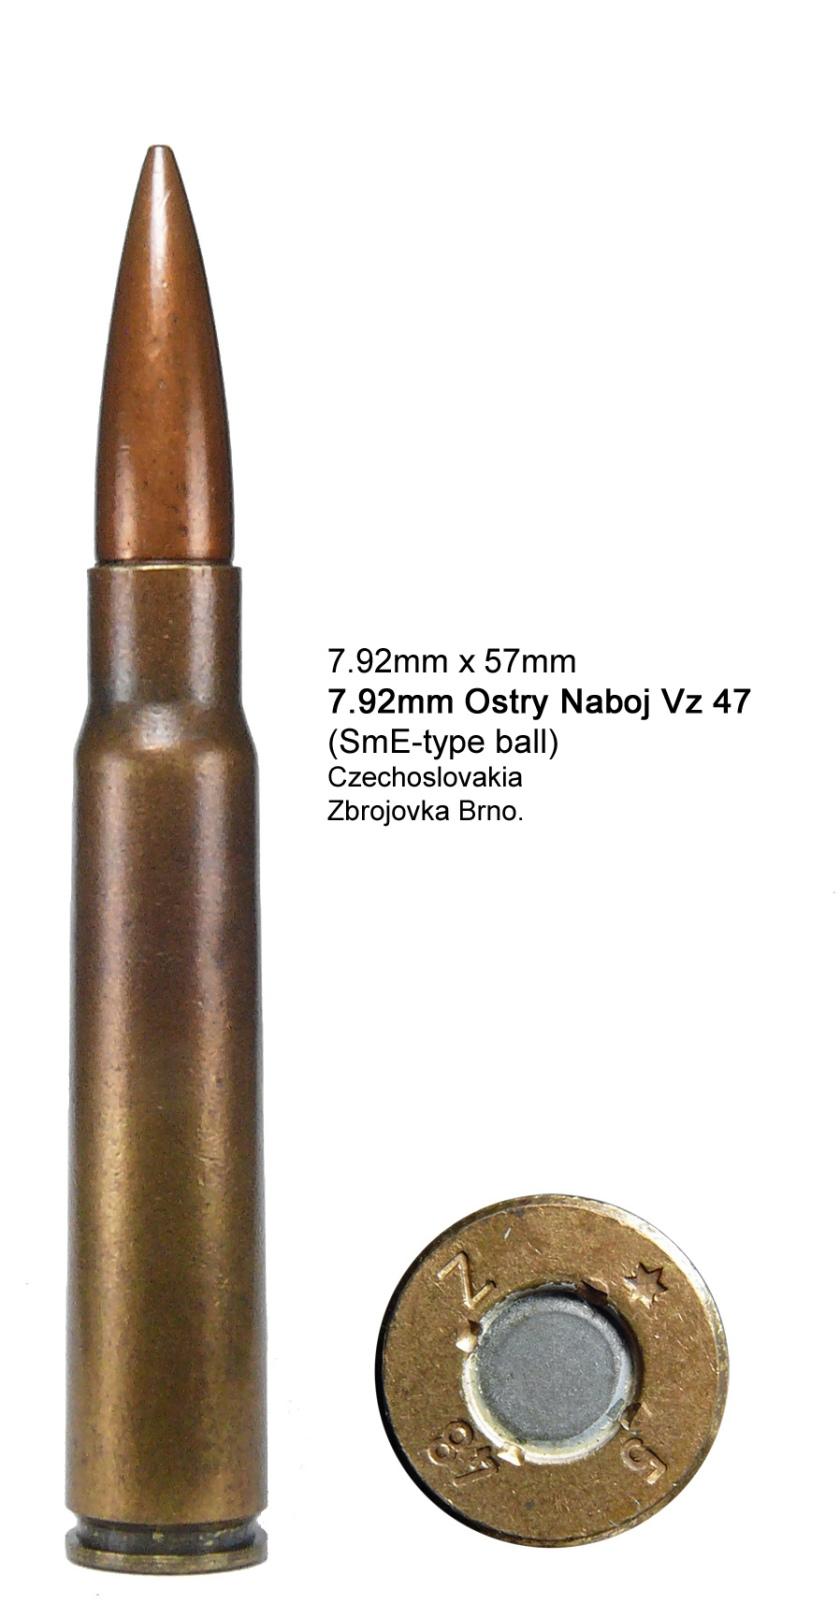 Czechoslovakia (10)